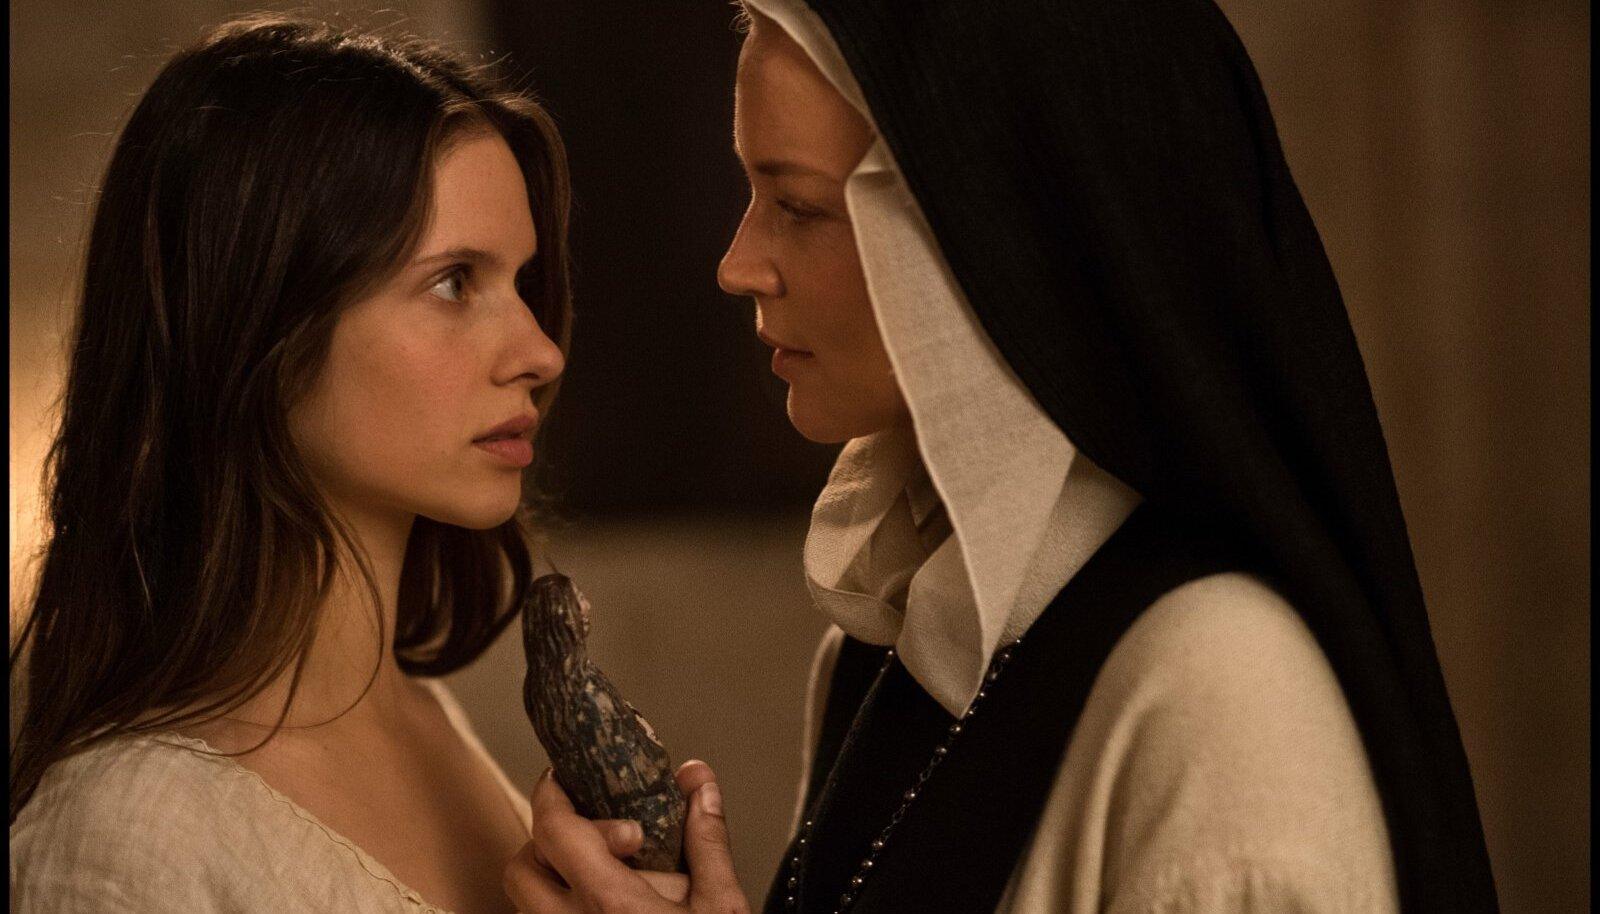 Seksistseenid on rajud ja paljastavad, abiks ka puust vorbitud Neitsi Maarja kuju, mida kasutatakse dildona.